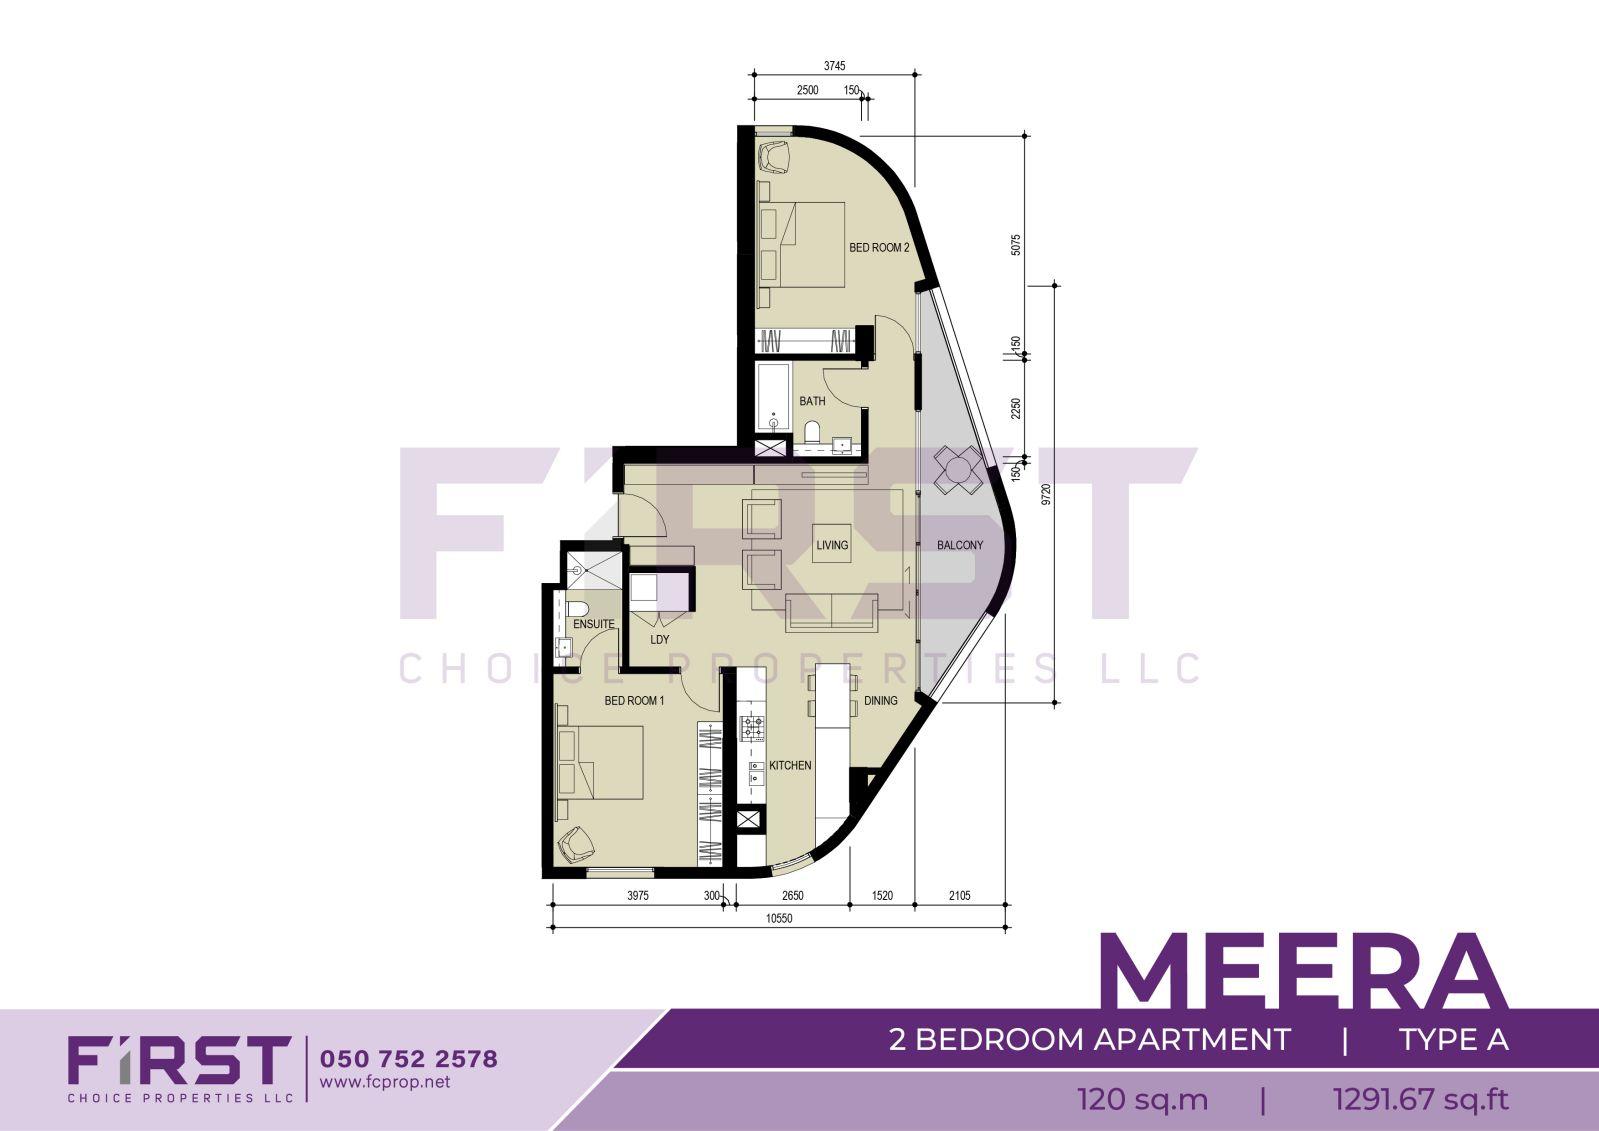 Floor Plan of 2 Bedroom Apartment Type A in Meera Shams Al Reem Island Abu Dhabi UAE 120 sq.m 1291.67 sq.ft.jpg